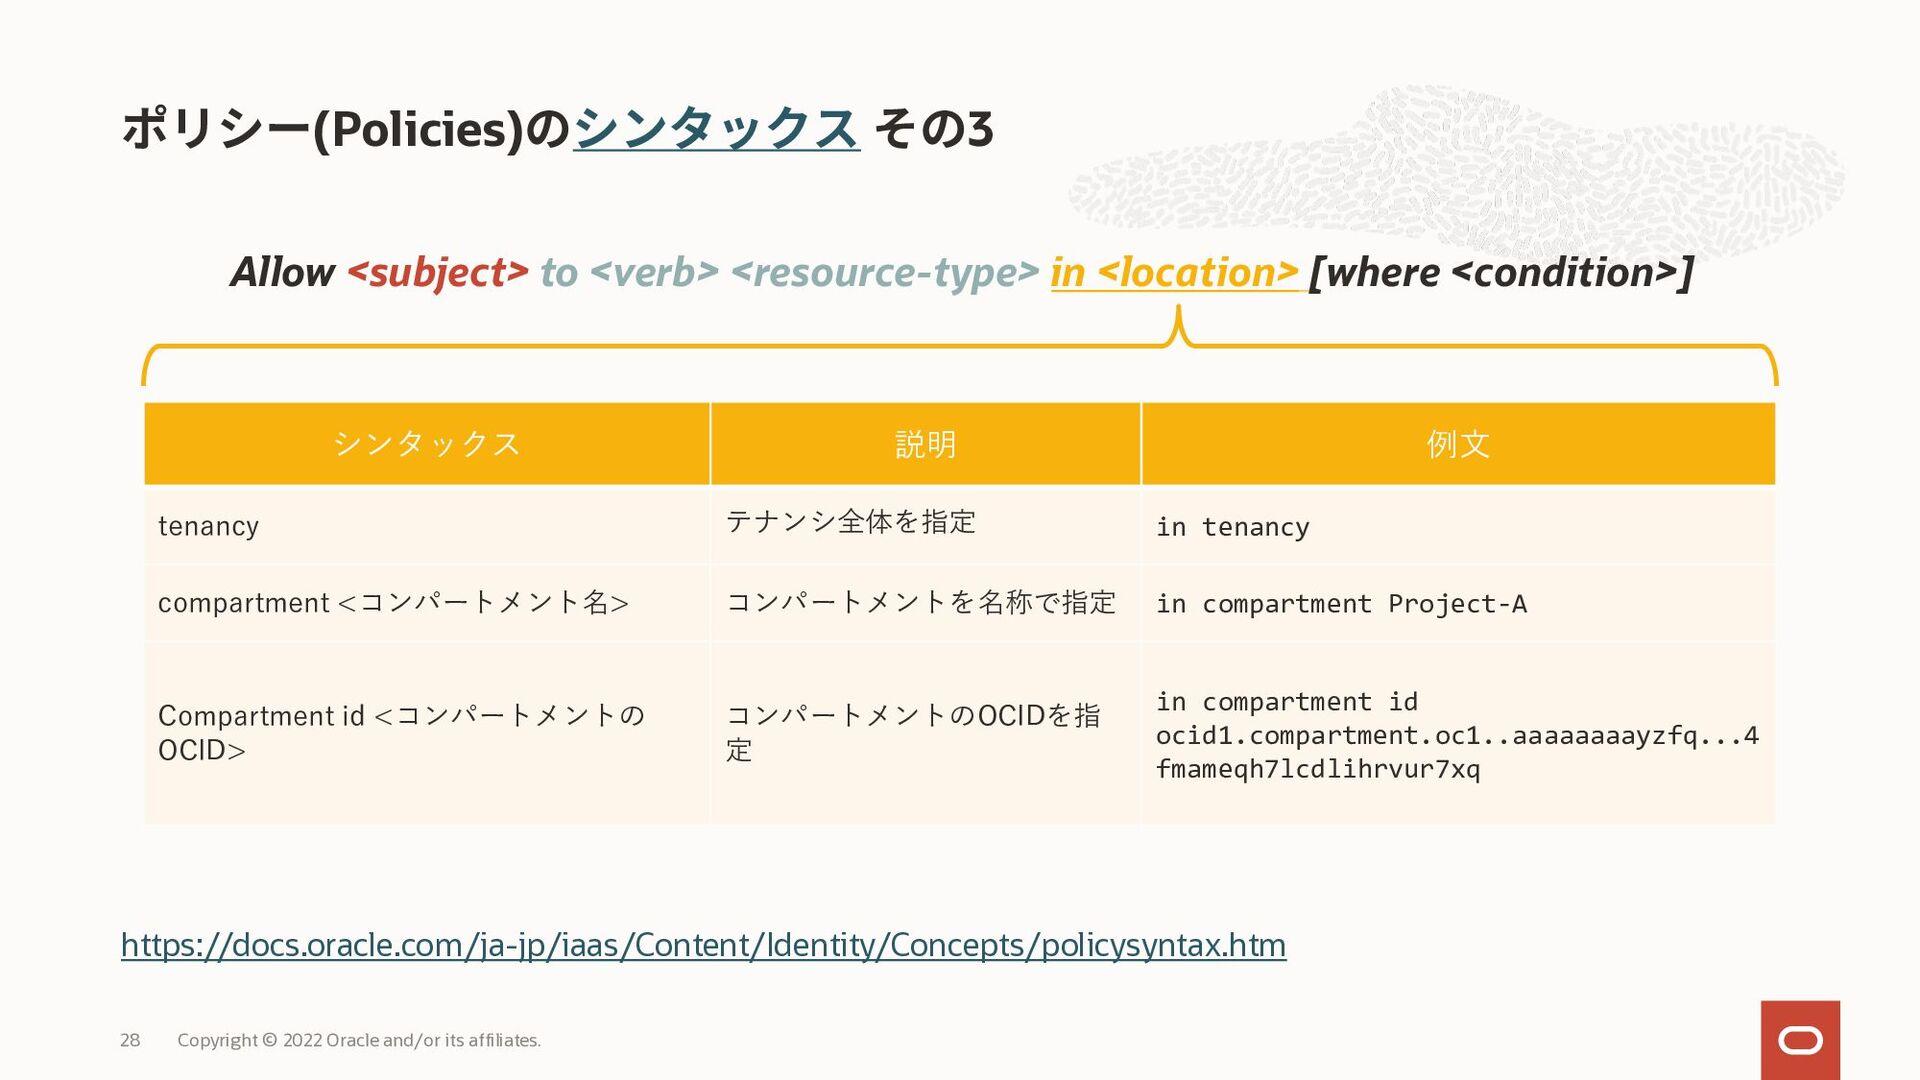 ポリシーを 動詞(Verb) を使って記述すると、内 部的には事前定義された パーミッション ...